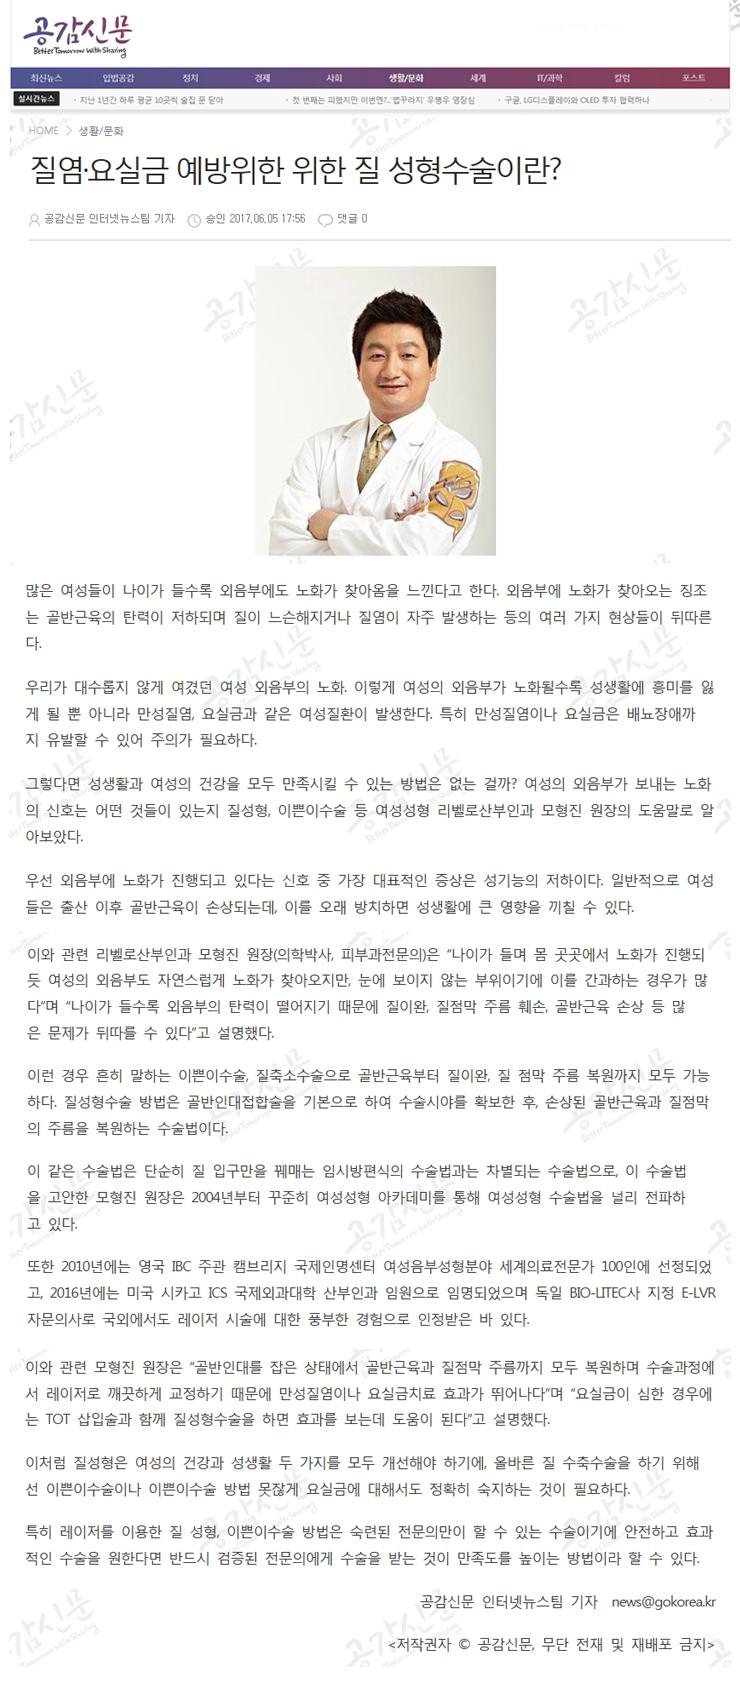 공감신문-20170609.jpg